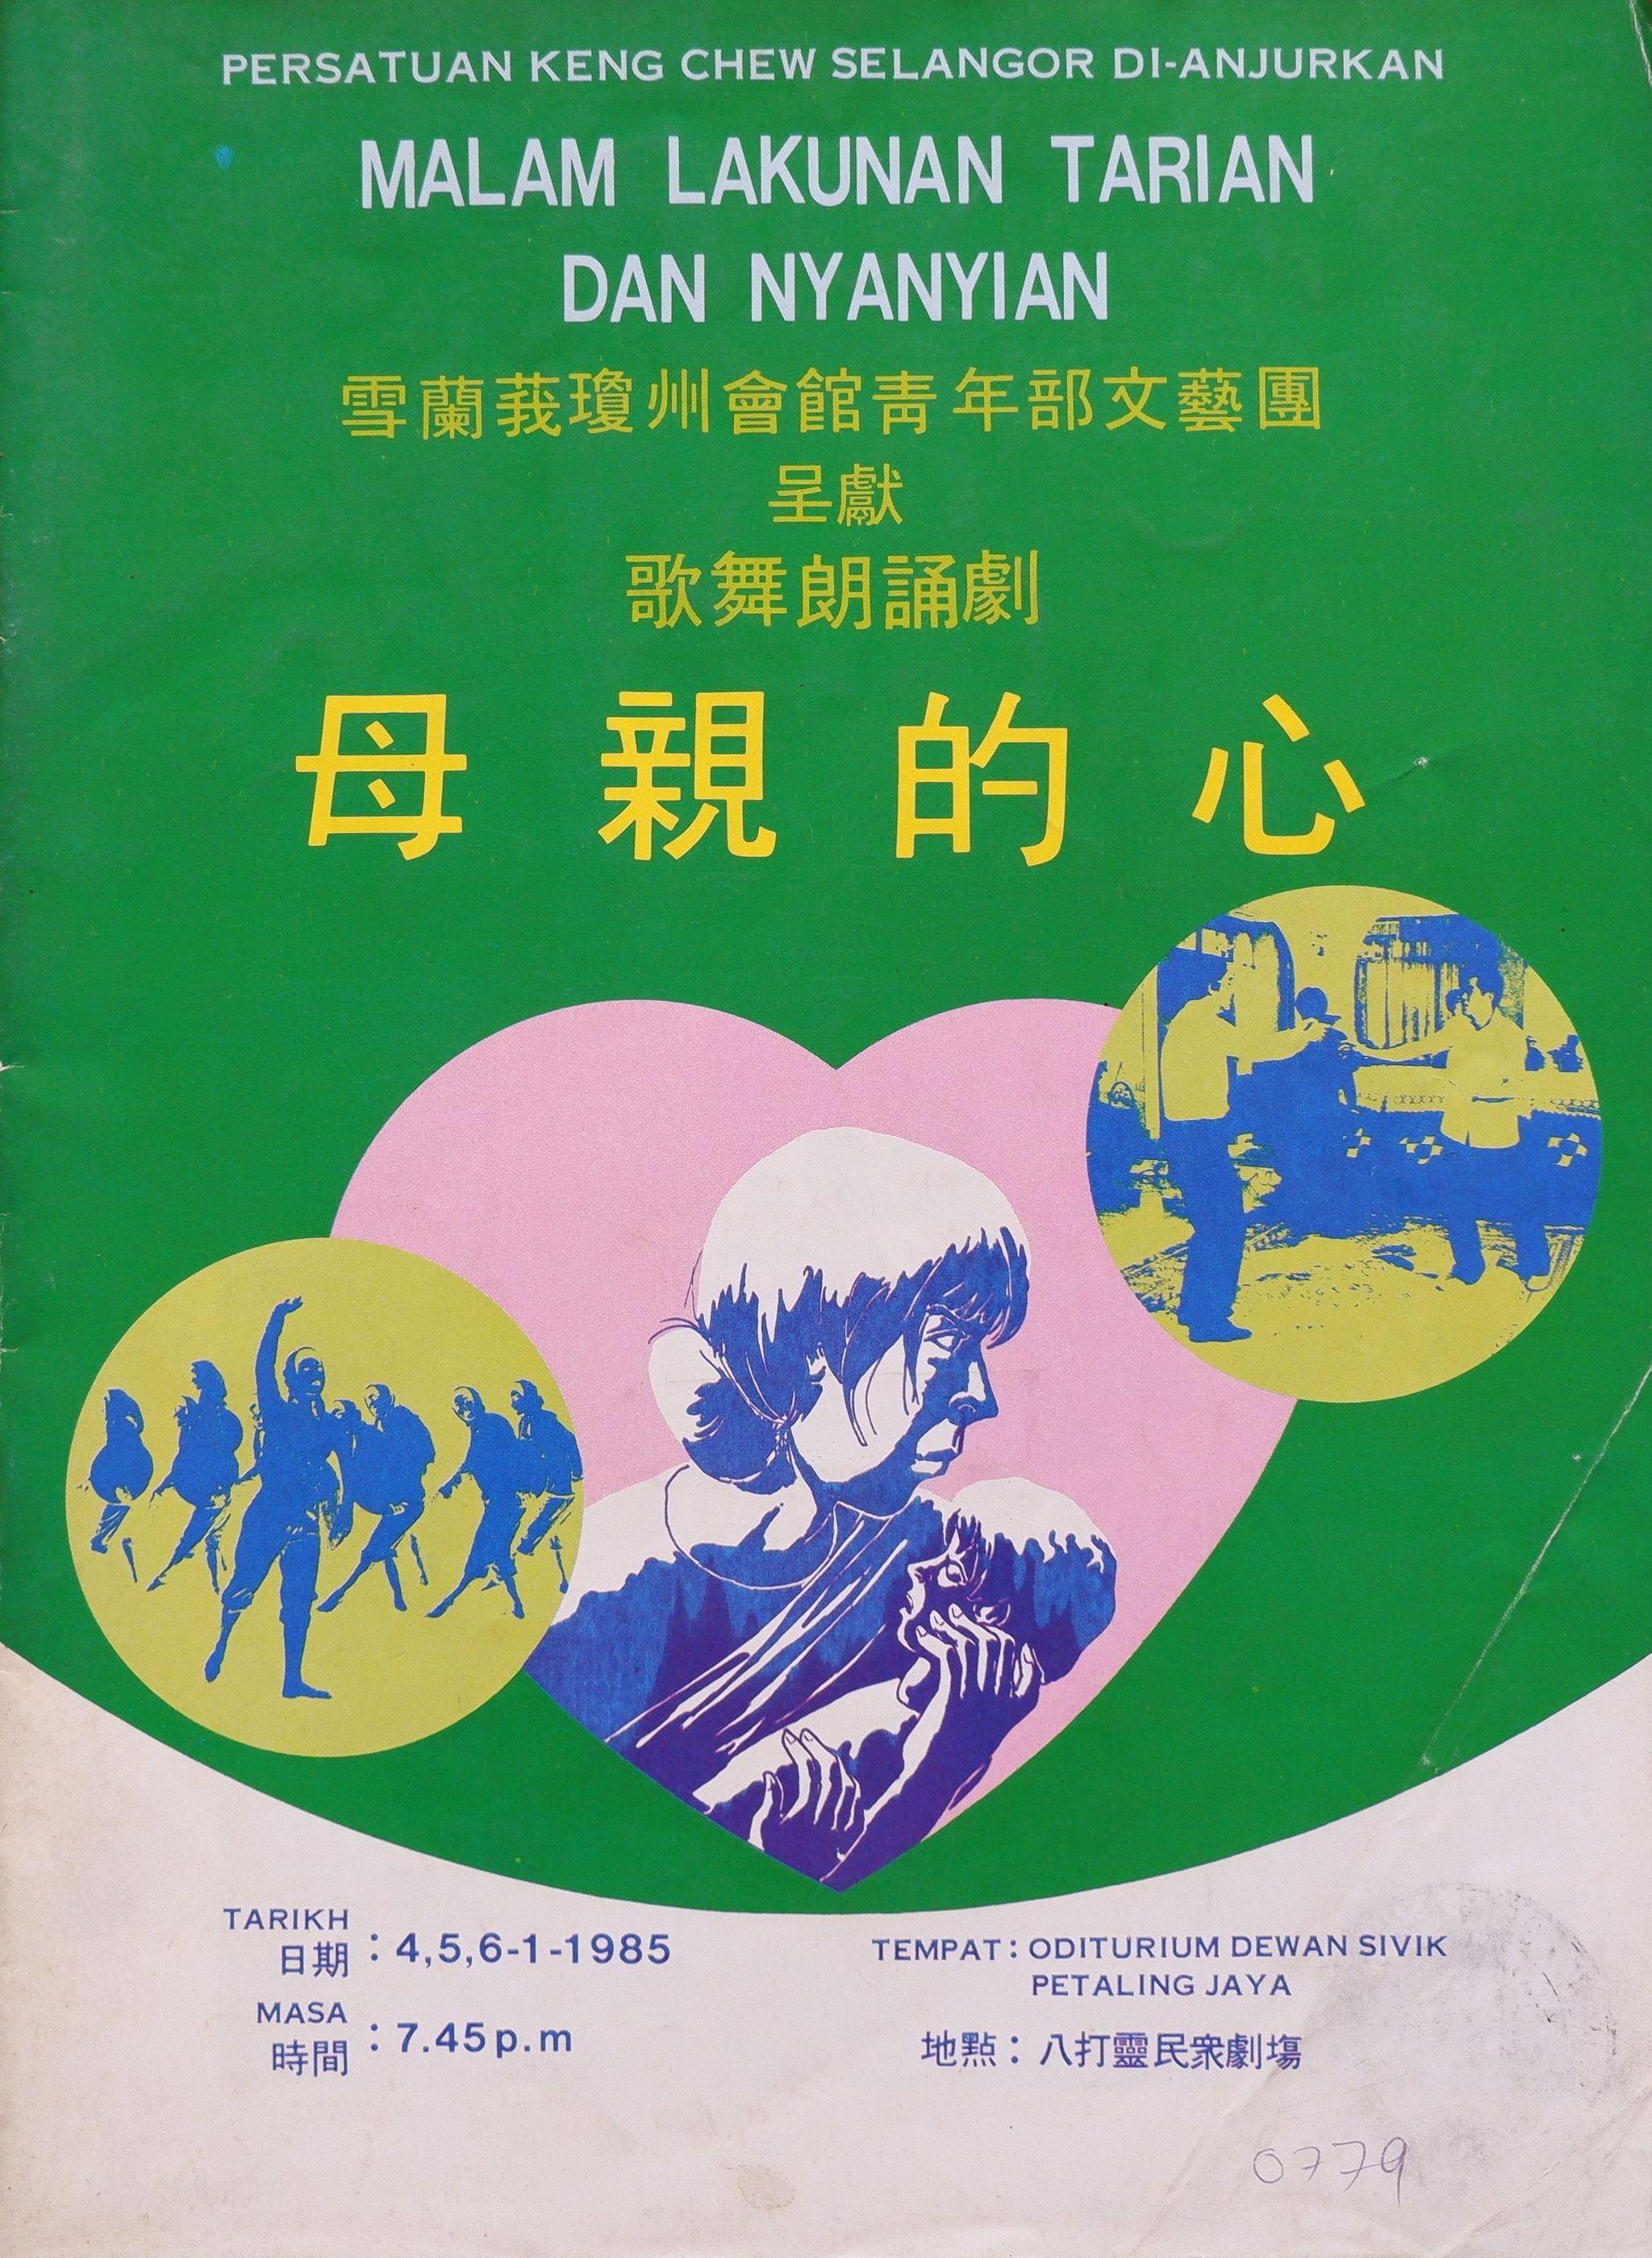 1985 Malam Lakonan Tarian Dan Nyayian Cover